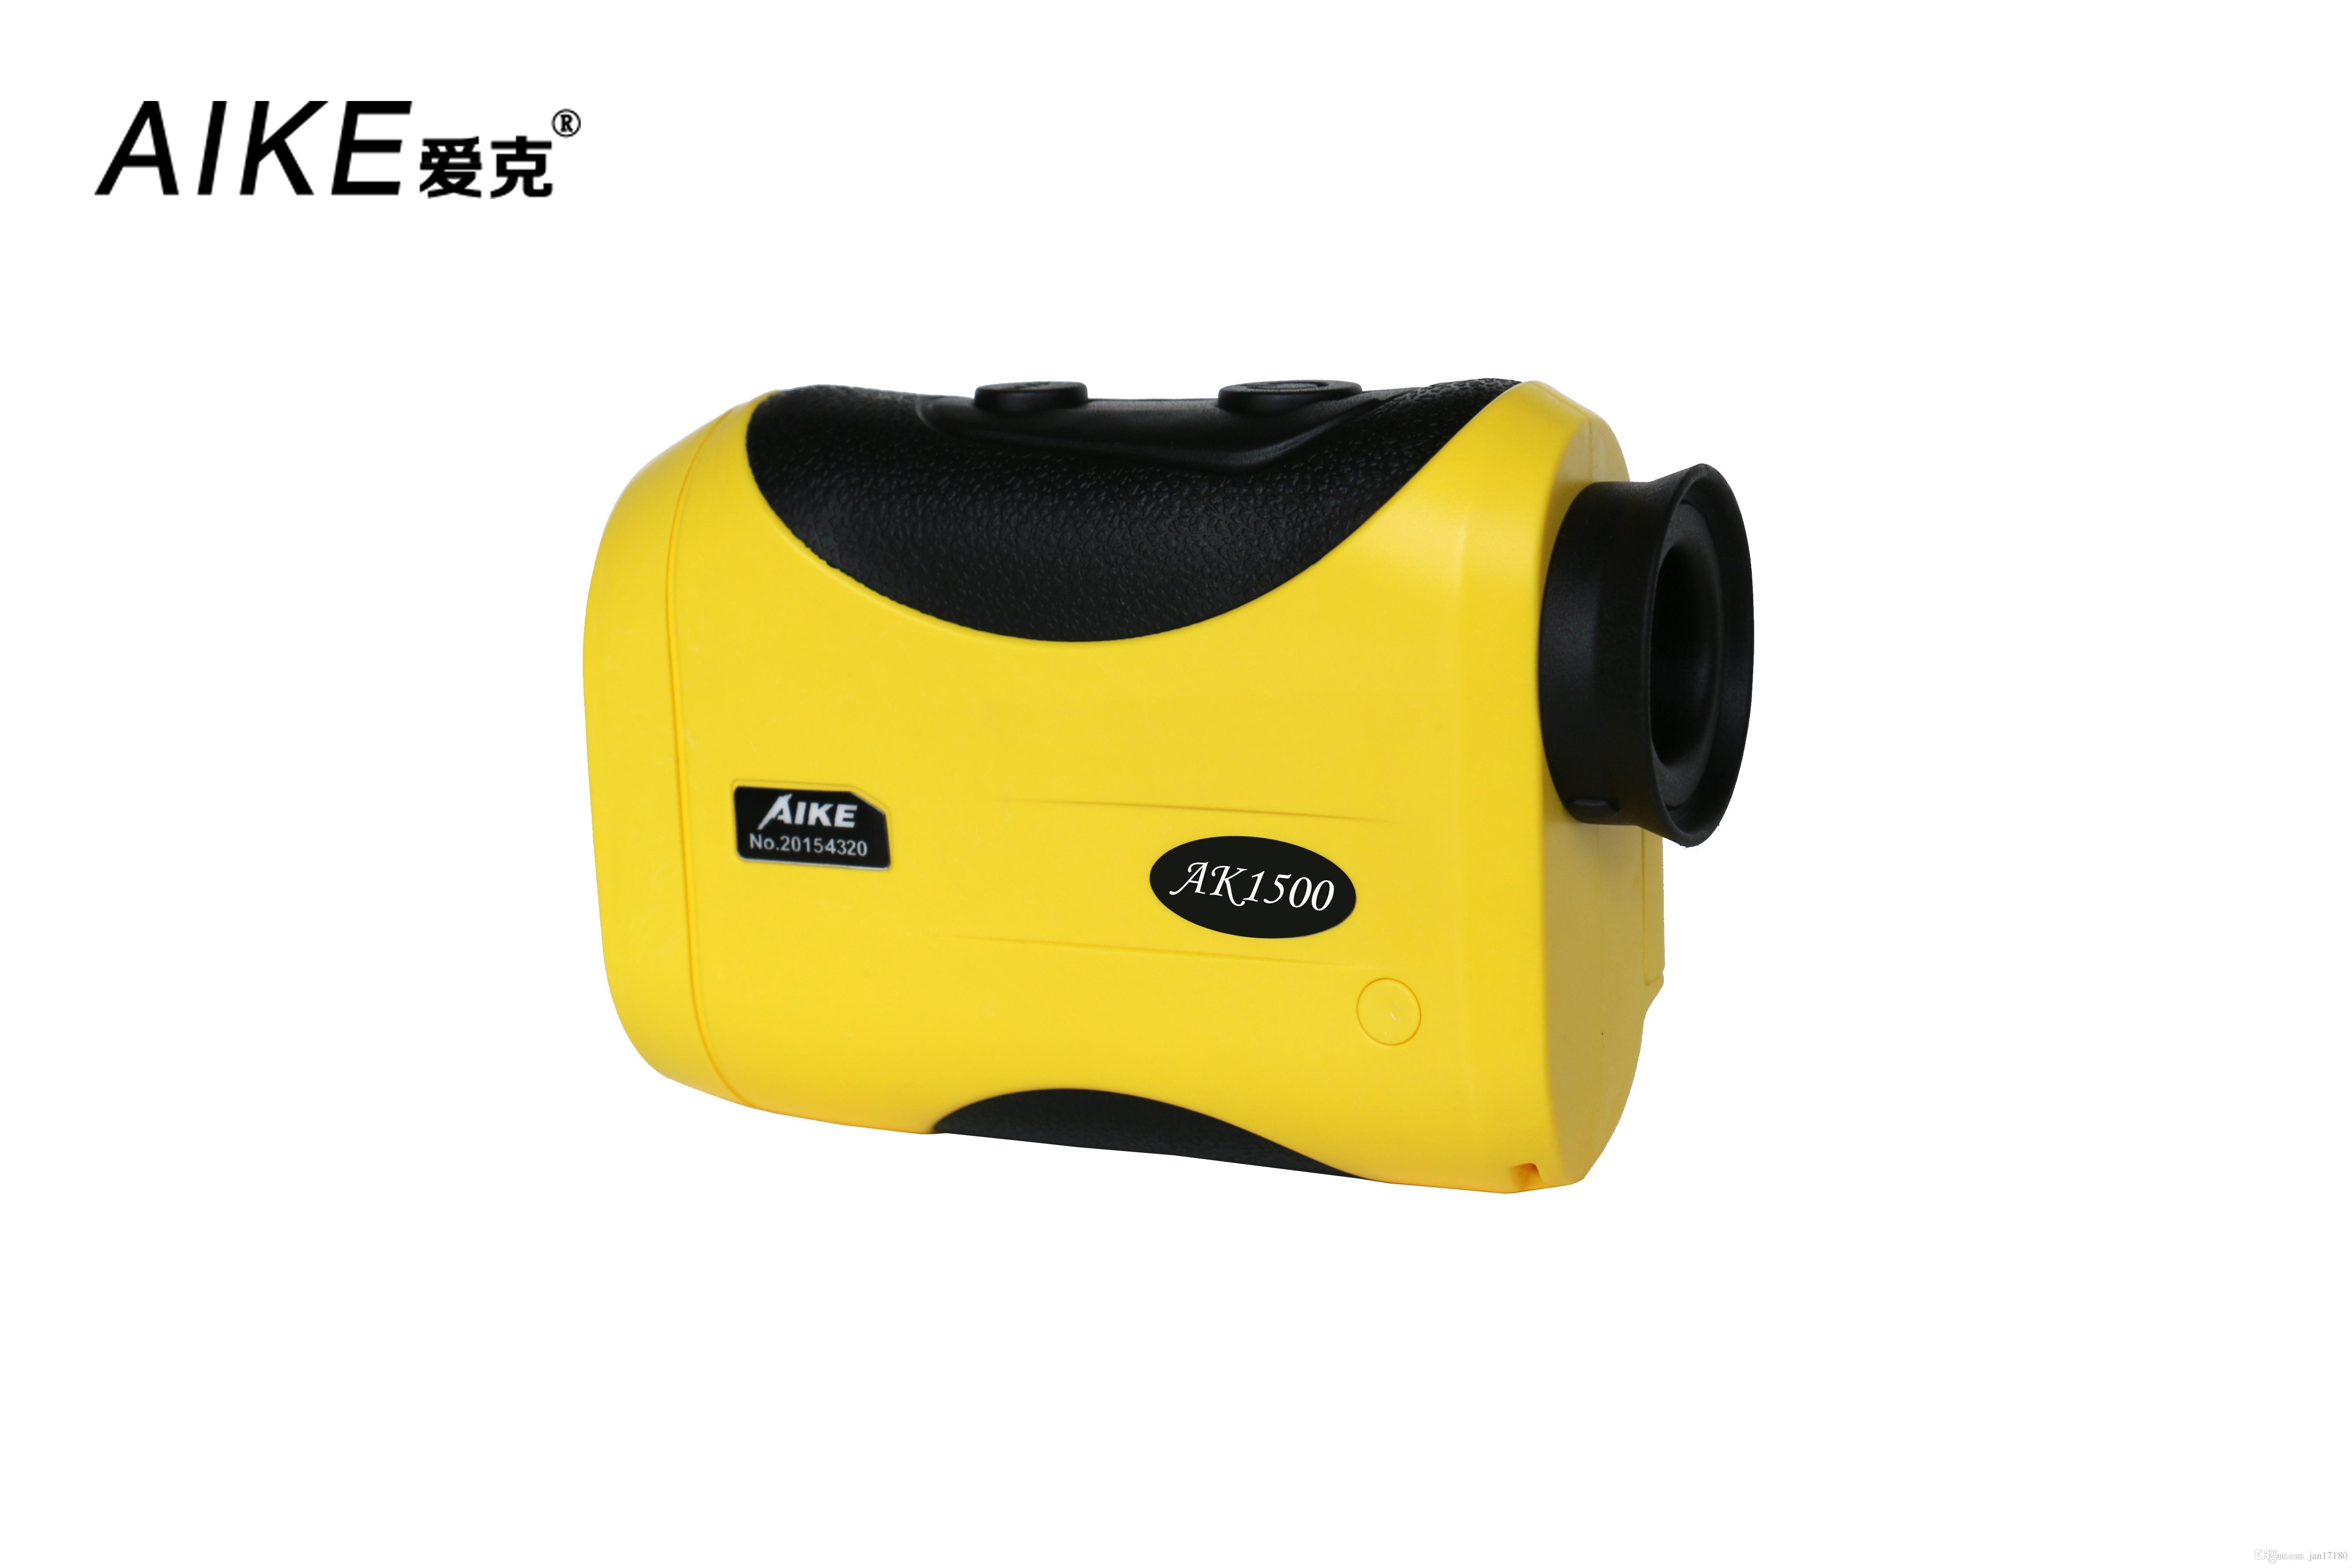 AIKE AK1500 Australian new instrument Laser rangefinder,lightweight laser  designator rangefinder,airborne laser scanning rangefinder,AIKE